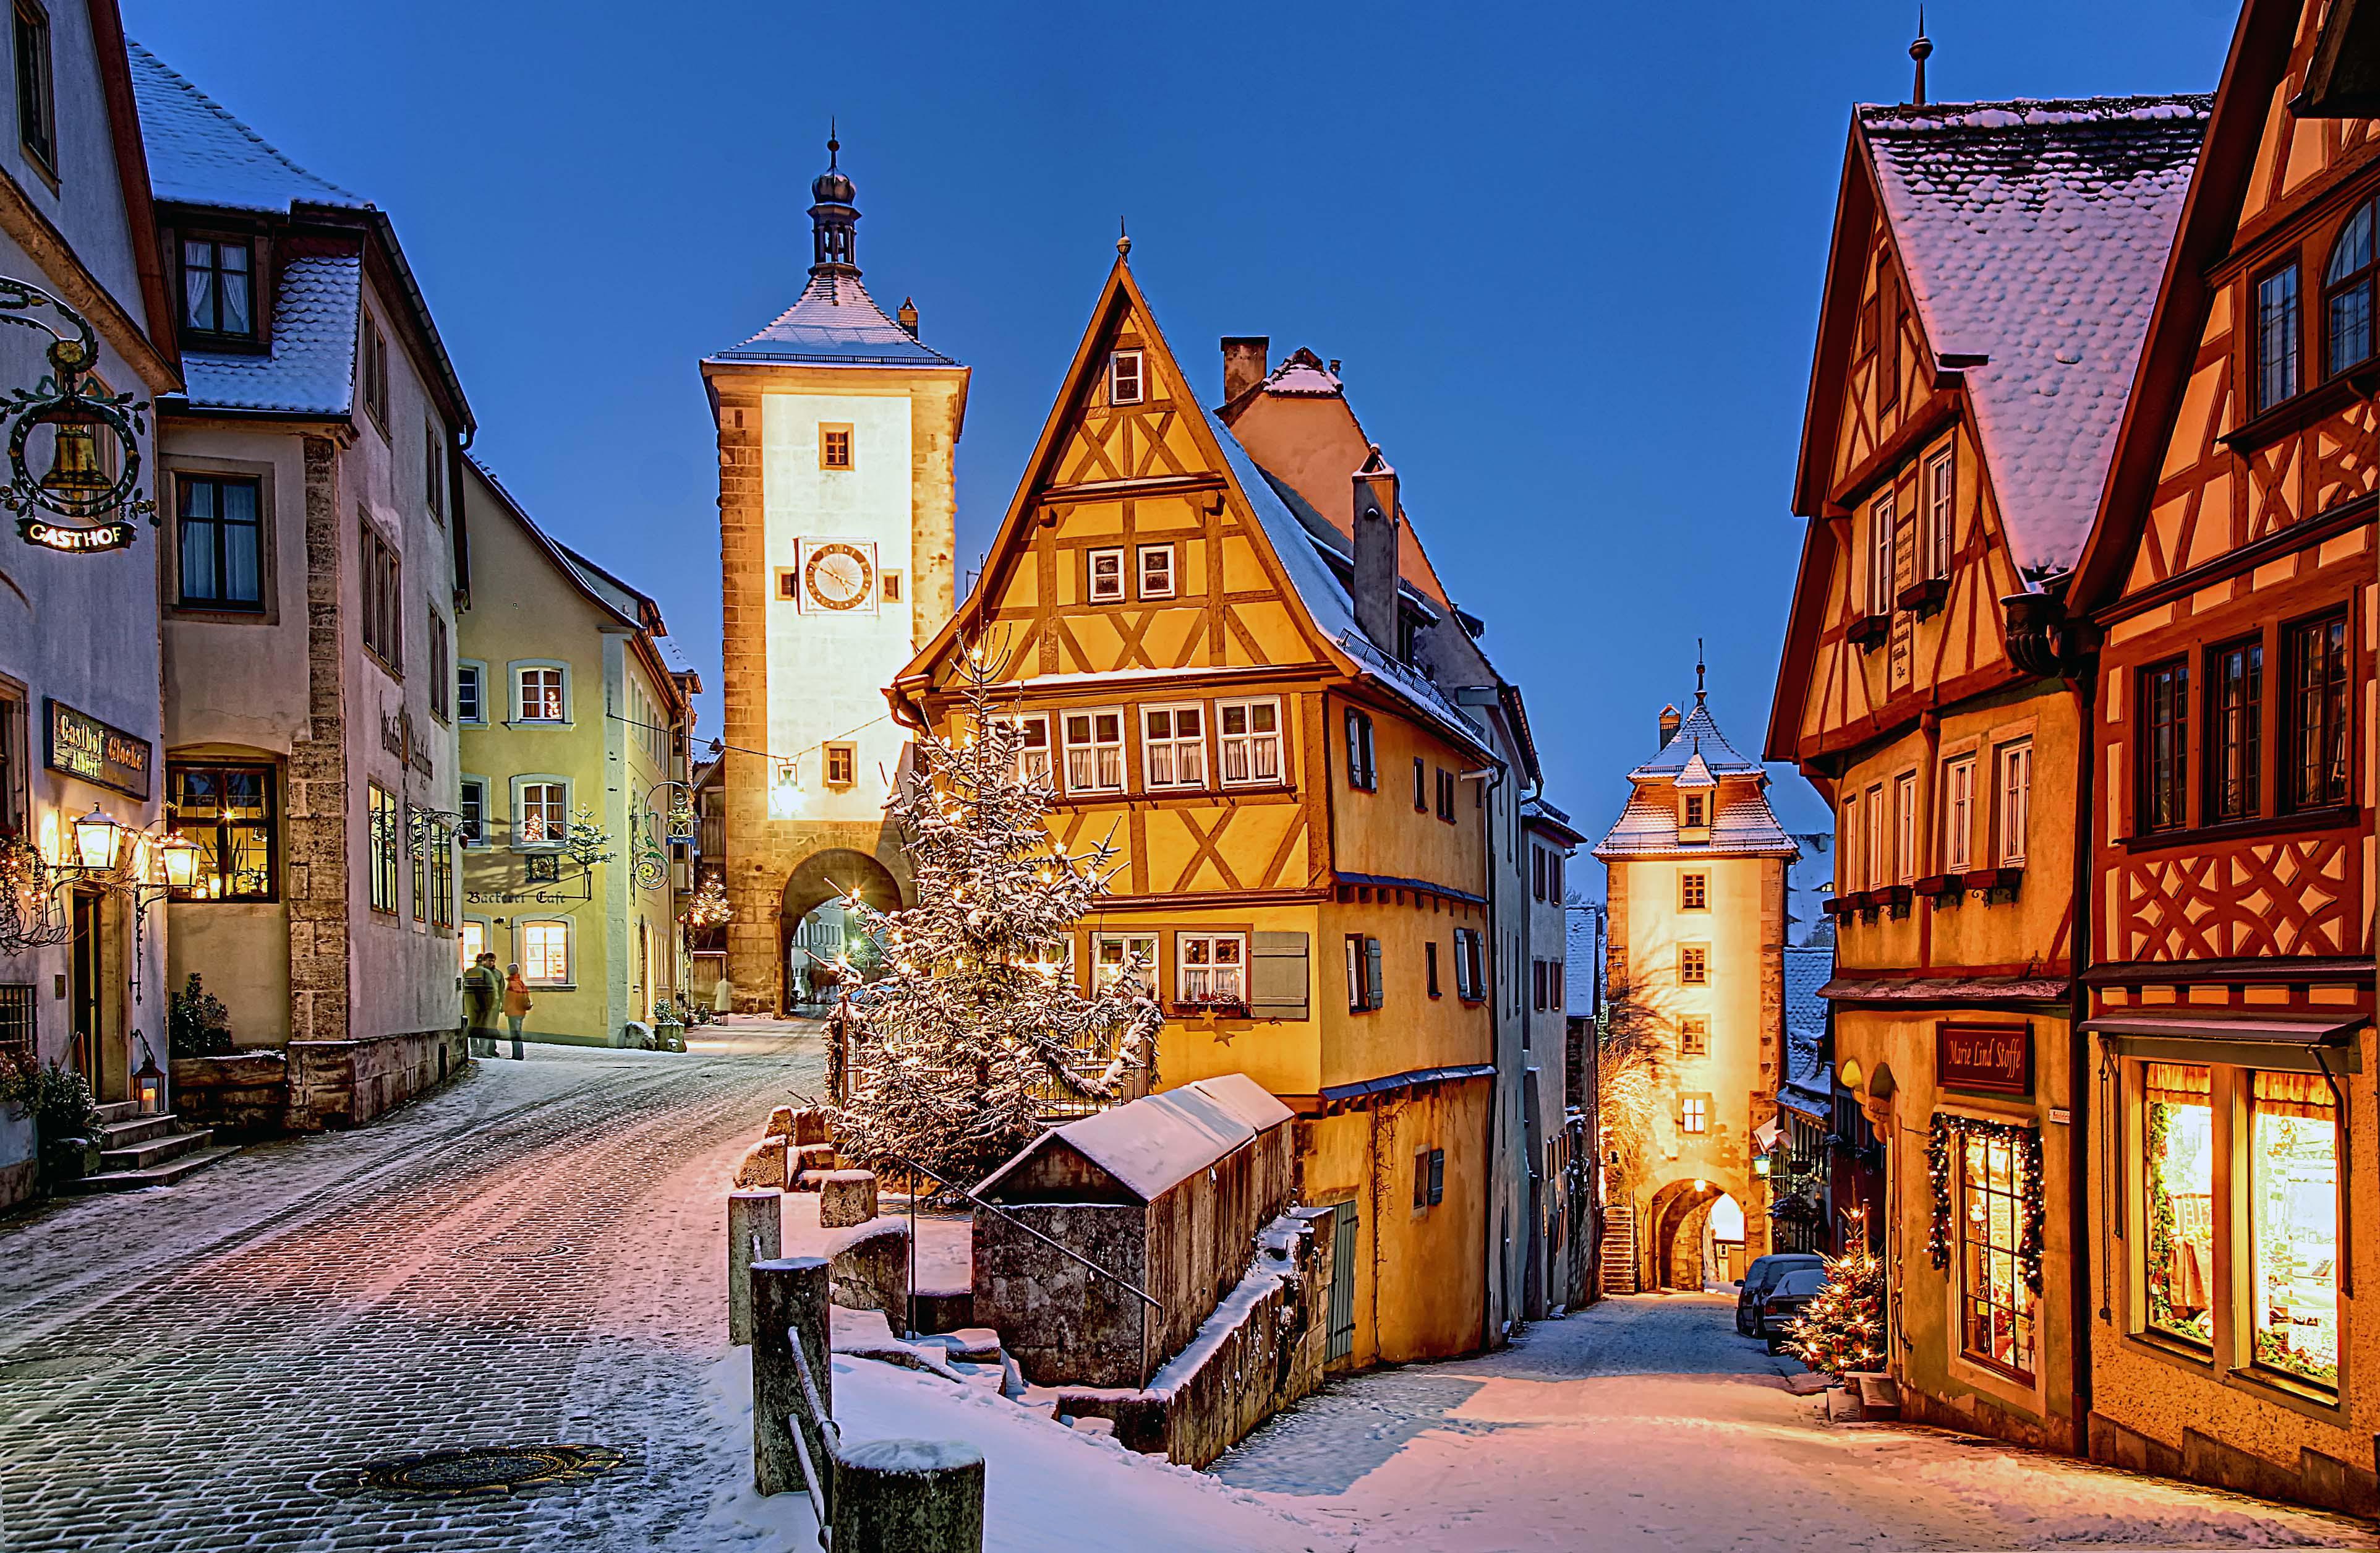 Ahol egész évben karácsony van - Rothenburg ob der Tauber